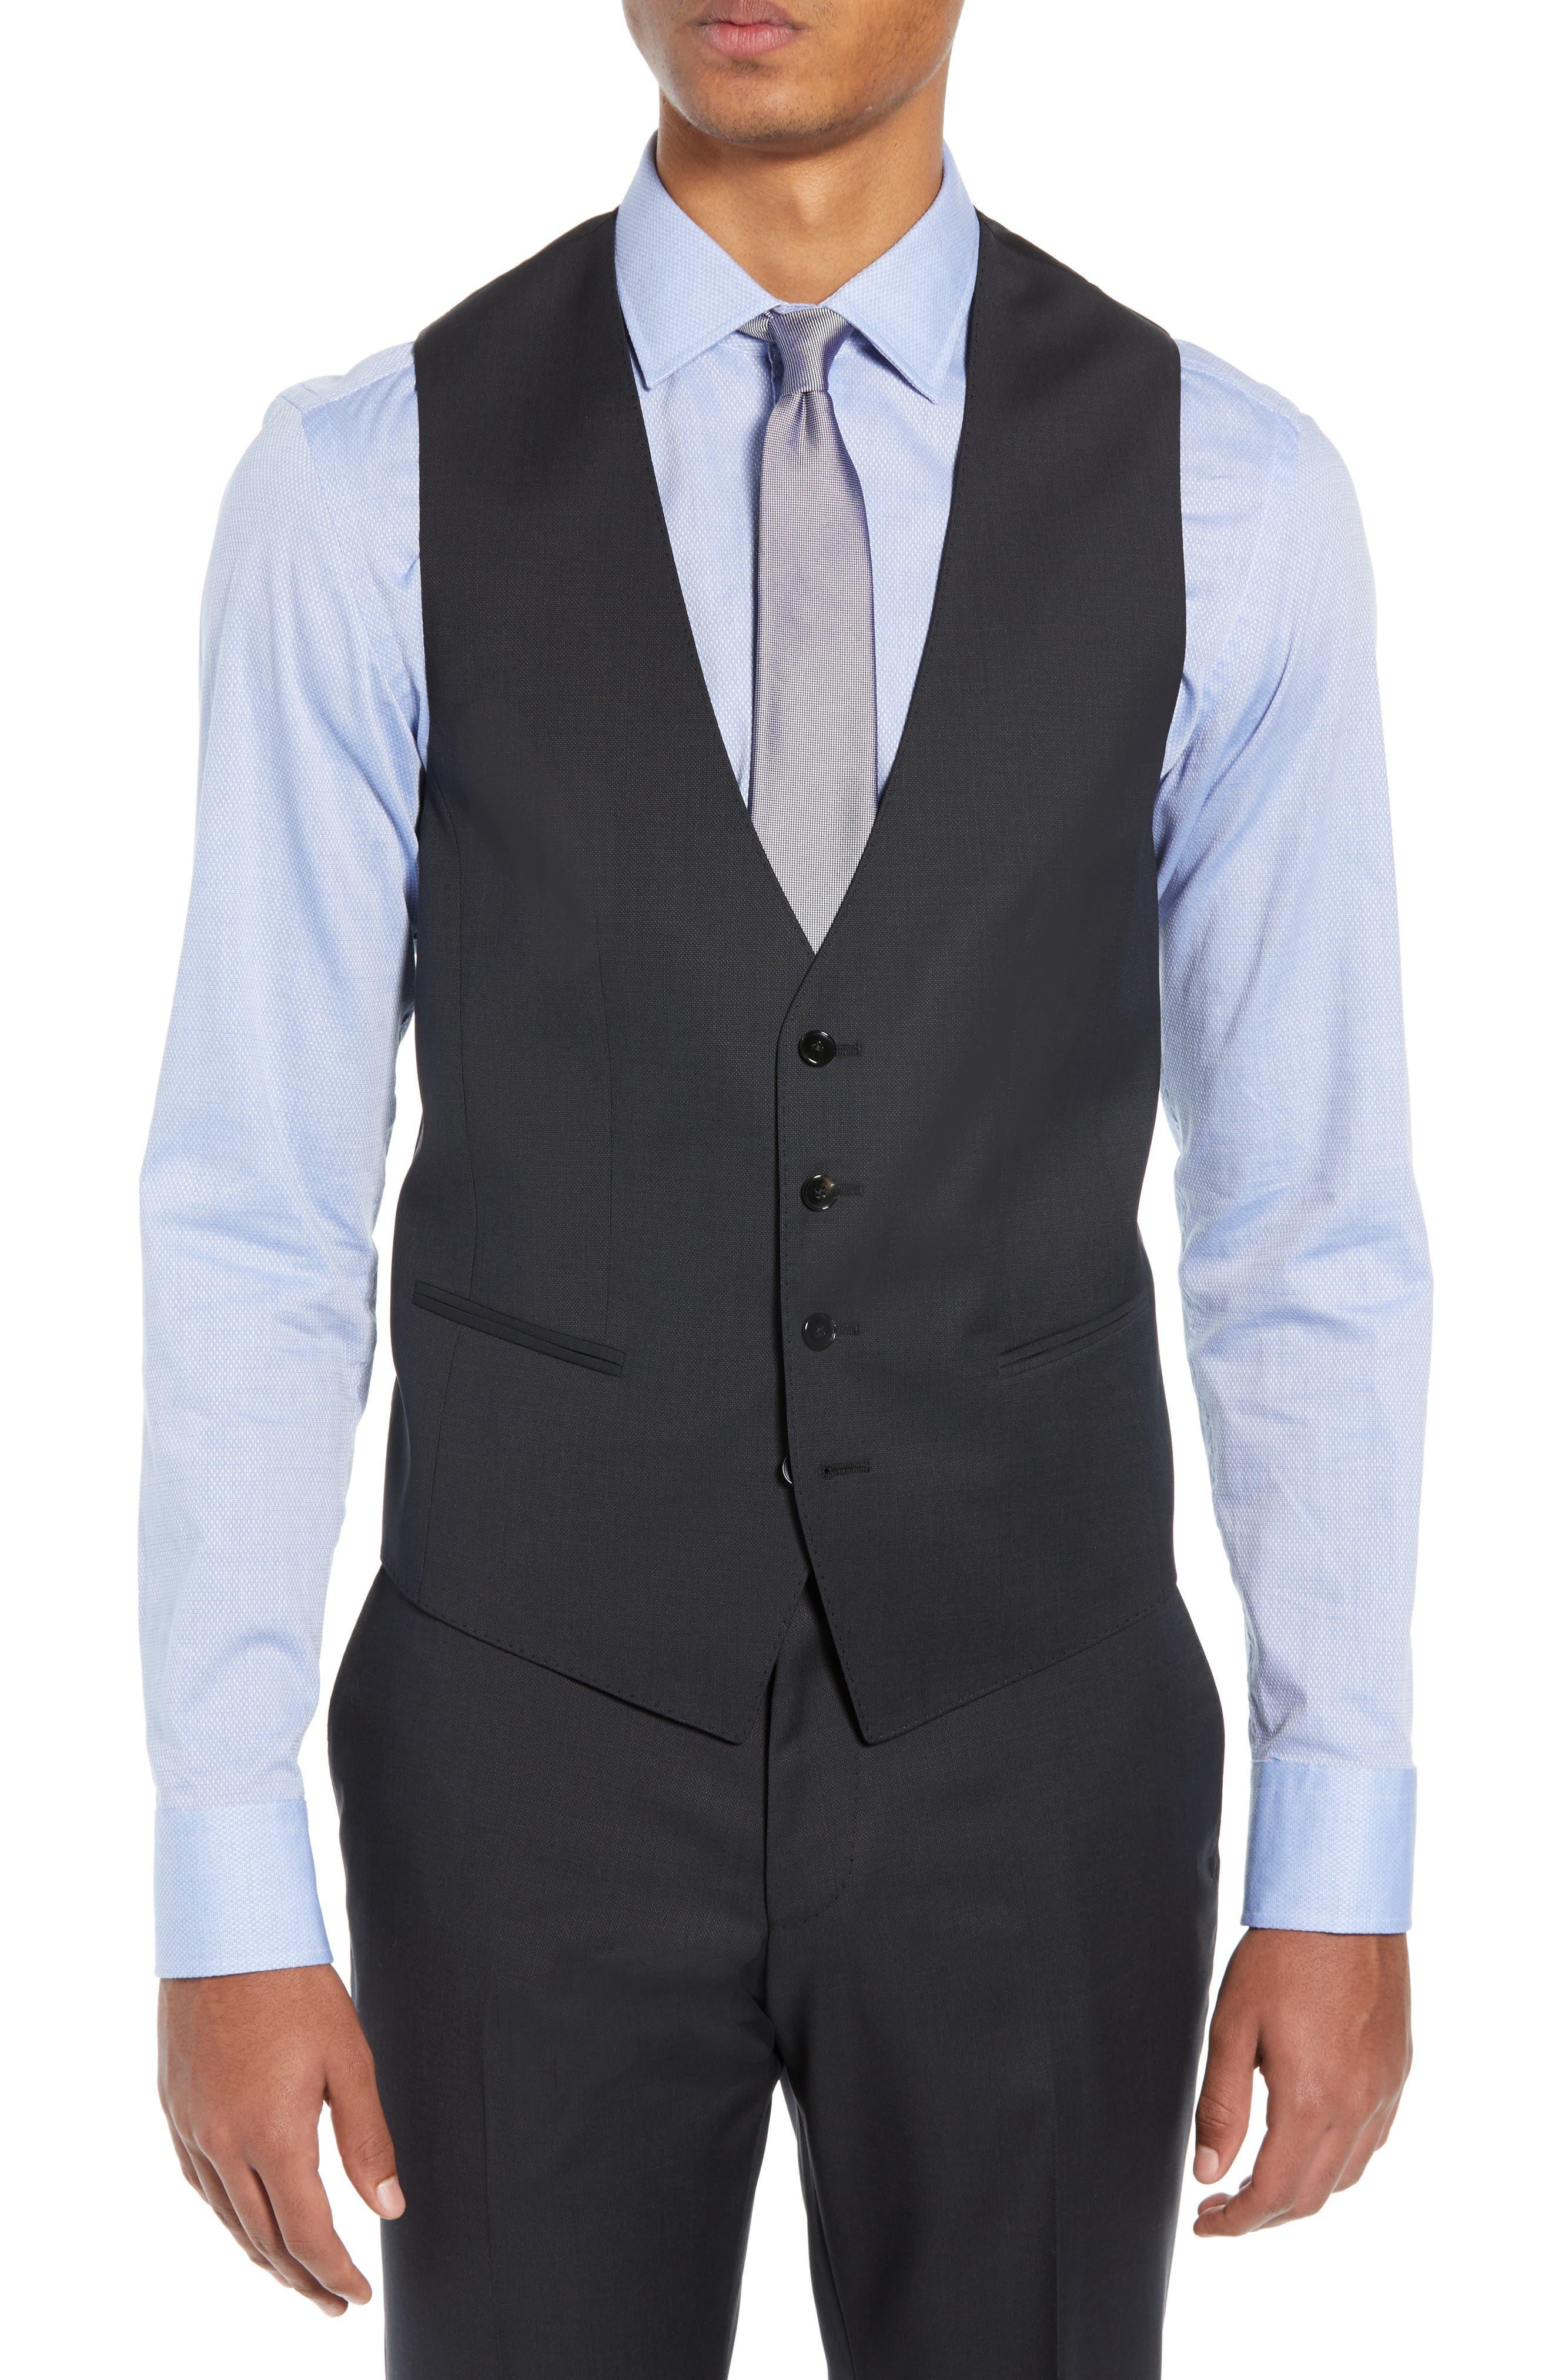 BOSS,                             Helward/Genius Trim Fit Solid Three Piece Wool Suit,                             Alternate thumbnail 2, color,                             DARK GREY